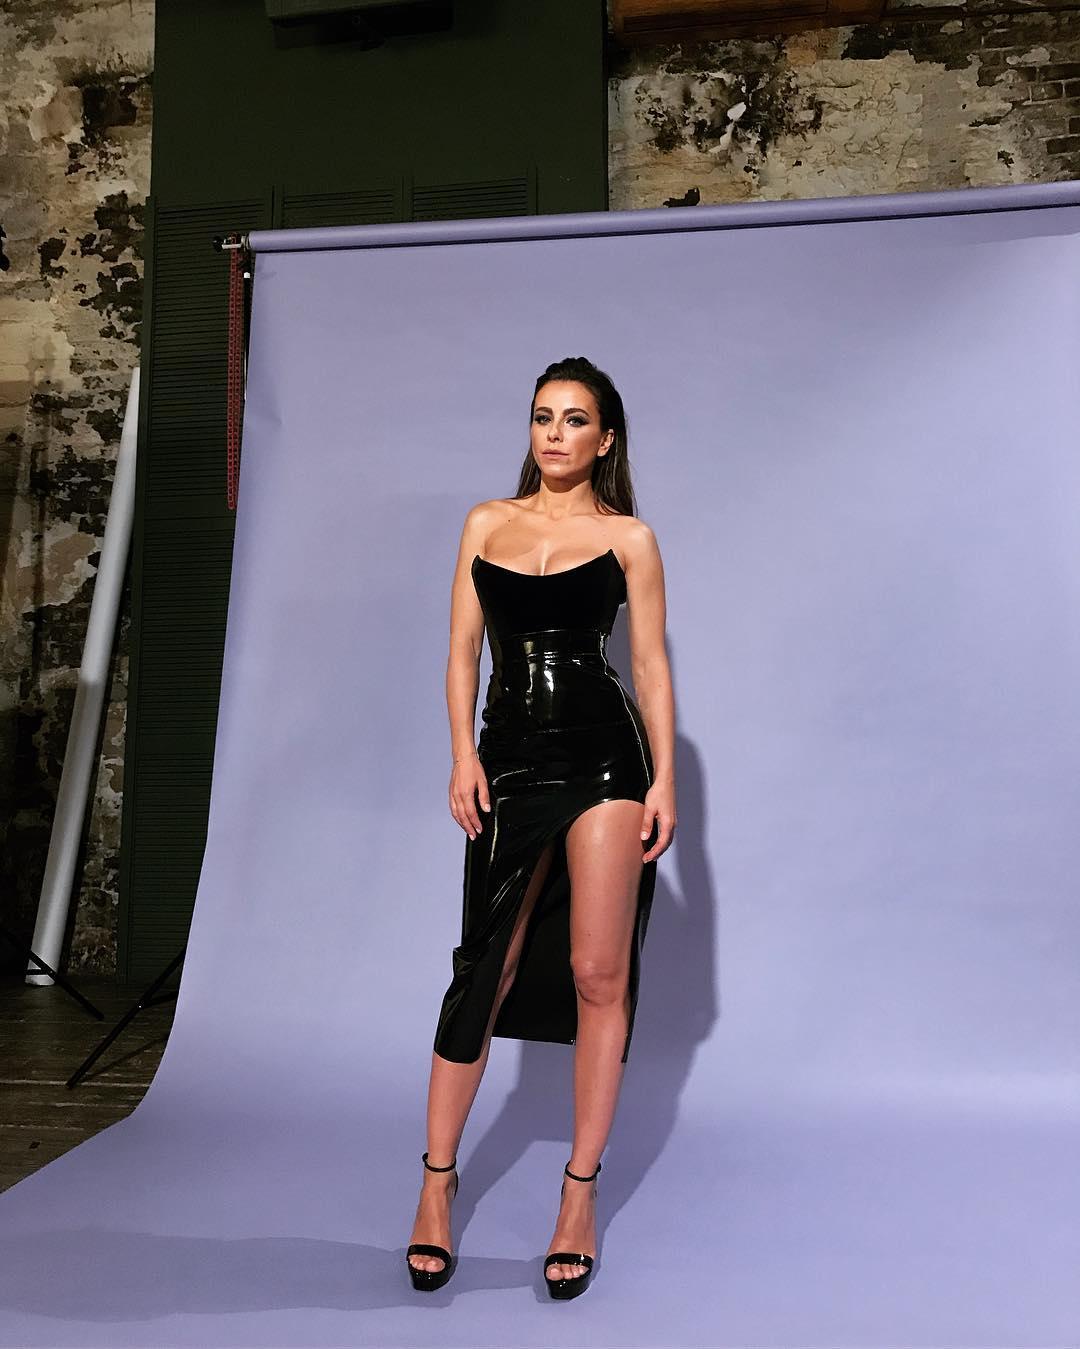 Певица предстала в роскошном платье с разрезом